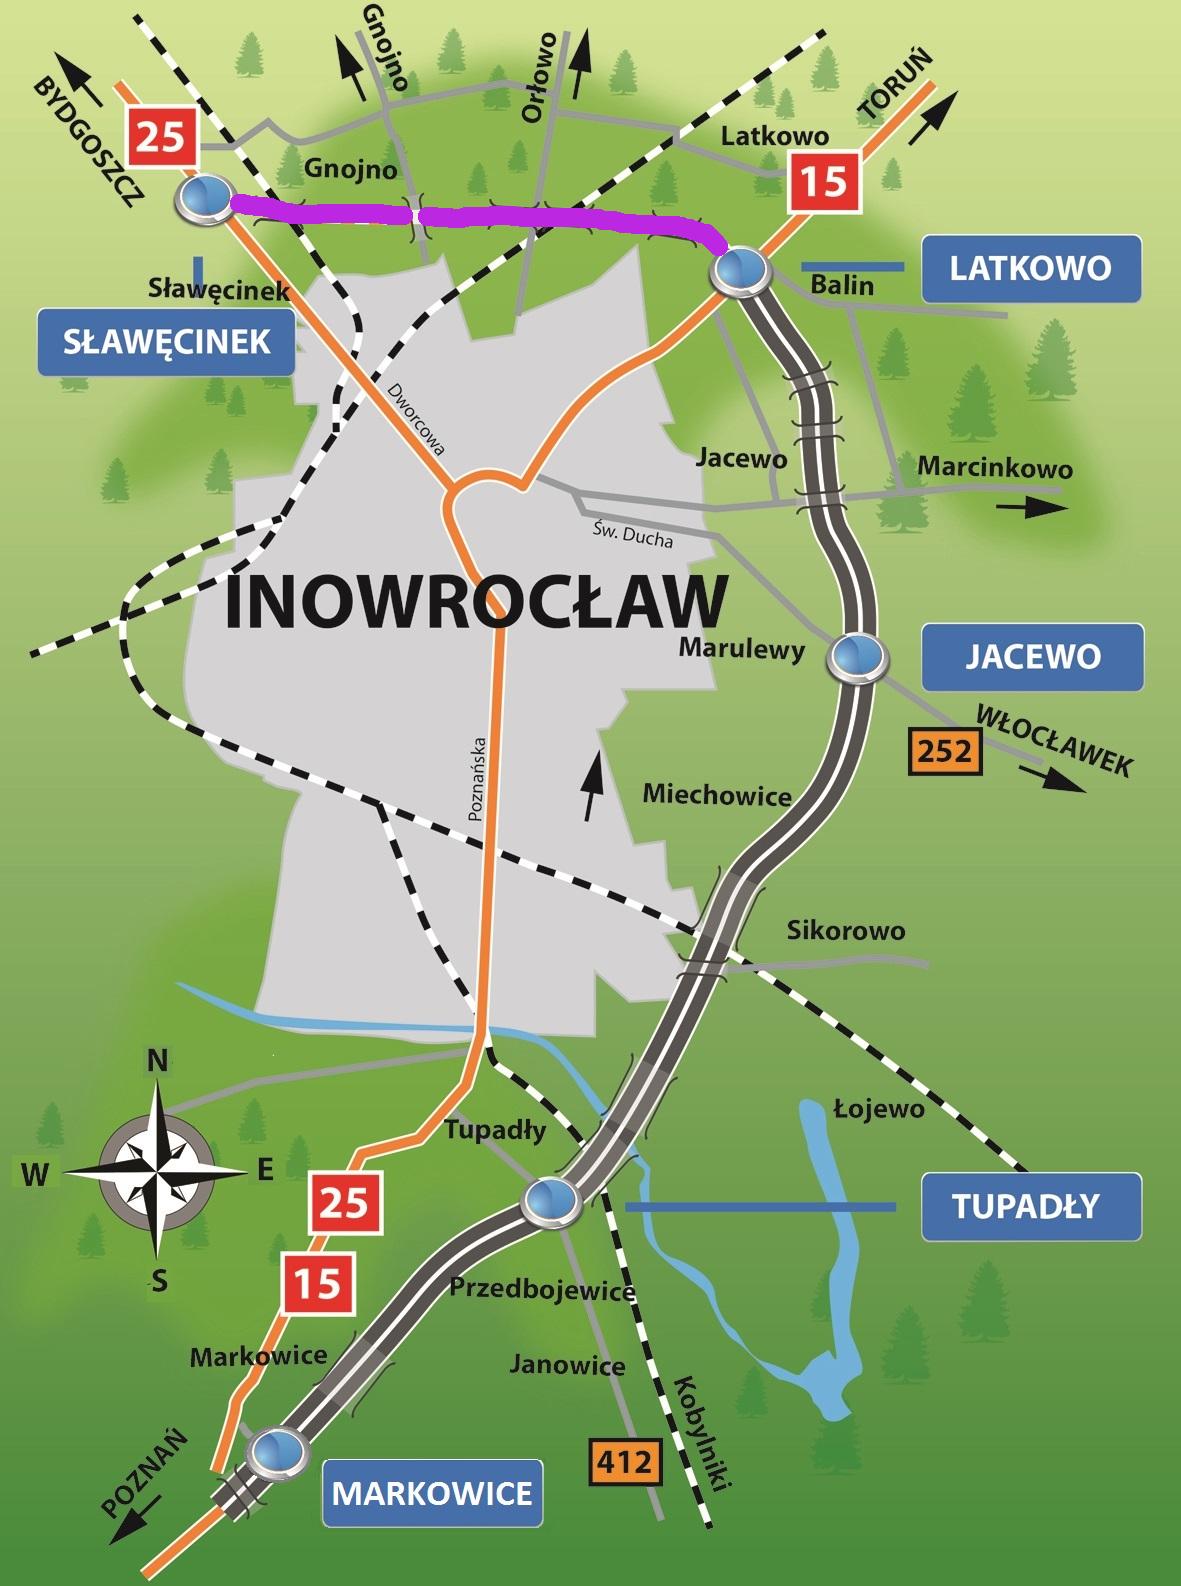 Dzisiaj od godz. 14 kierowcy mogą już korzystać z nowego fragmentu obwodnicy Inowrocławia. Prawie 5-kilometrowy odcinek omija miasto od północy i łączy się z istniejąca częścią obwodnicy o długości 19 km na węźle Latkowo. Przy okazji budowy tej części obwodnicy (w ciągu dróg krajowych nr 15 i 25) drogowcy zbudowali m.in. węzeł drogowy Sławęcinek, pięć obiektów inżynierskich oraz chodniki i zatoki autobusowe. Mapa: GDDKiA